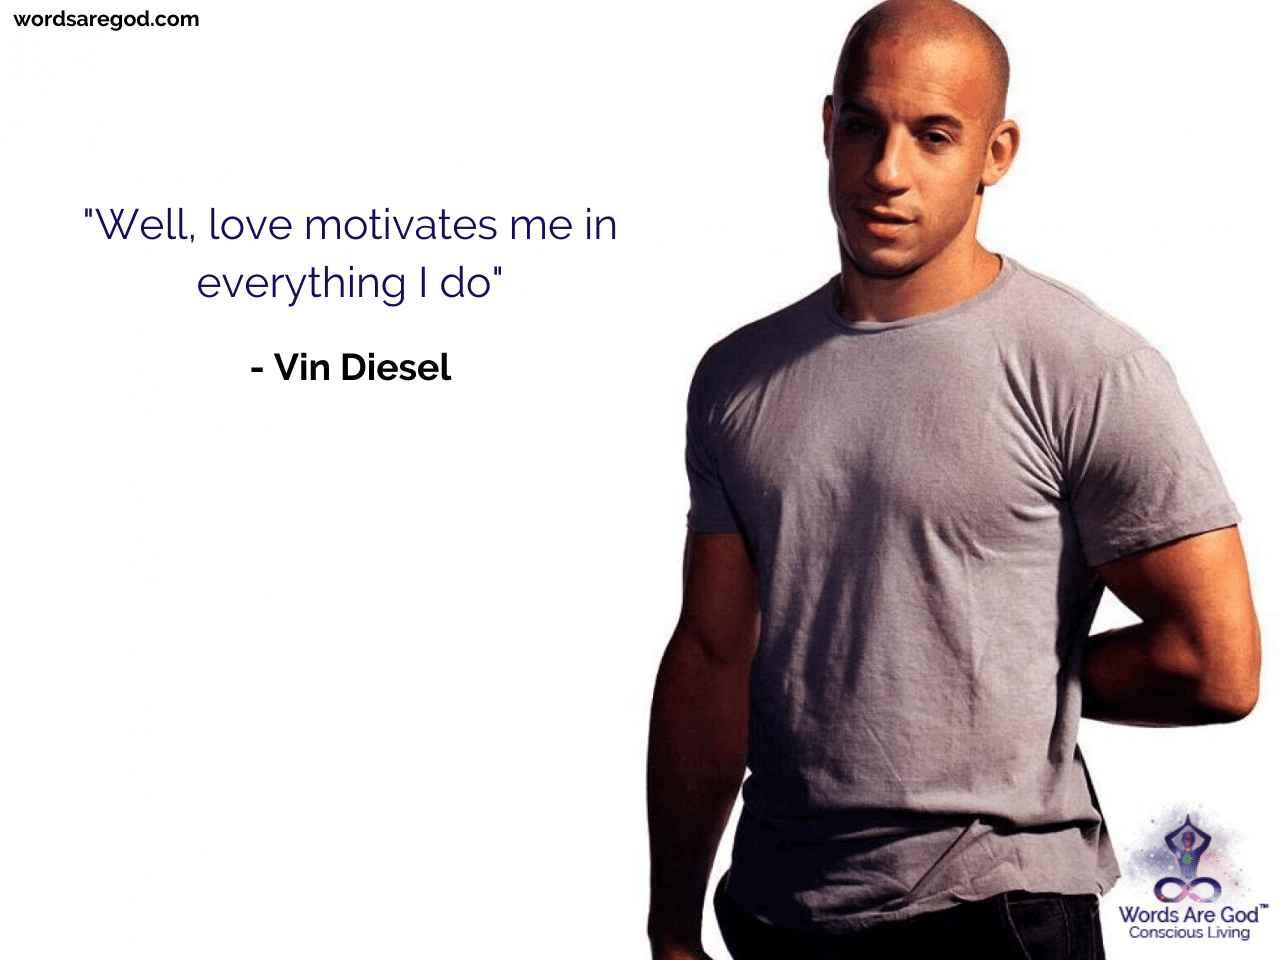 Vin Diesel Best Quote by Vin Diesel